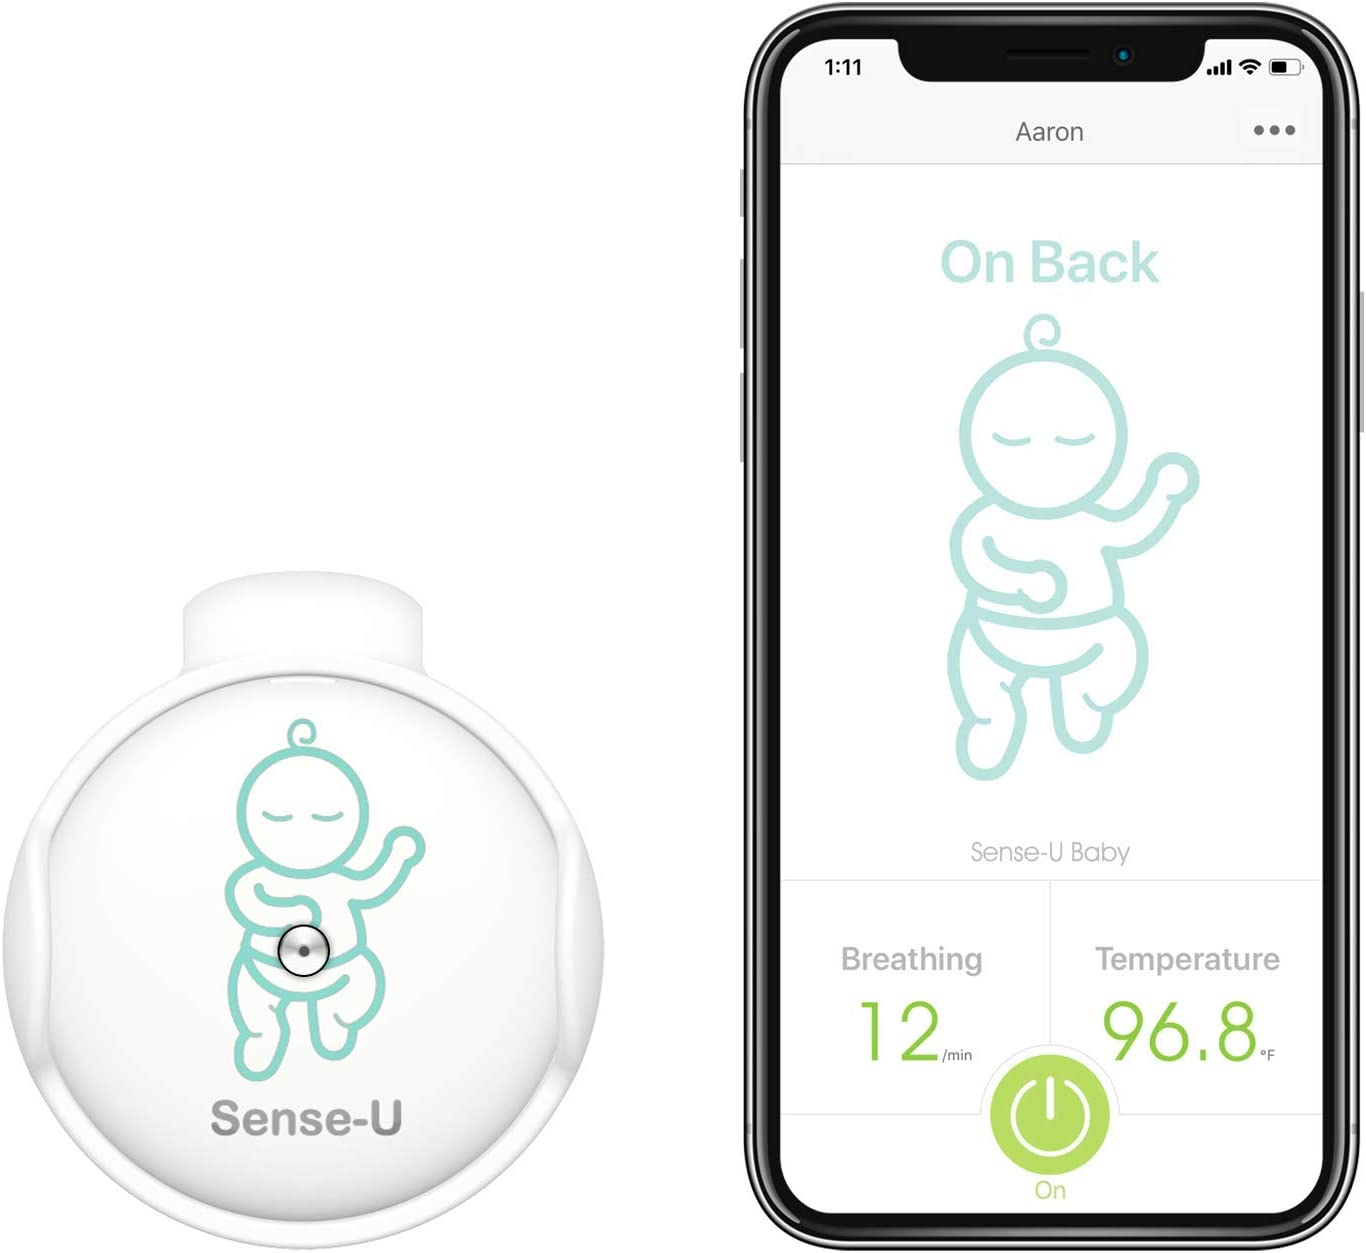 (Nuevo modelo 2020) Monitor de bebé Sense-U con sensores de movimiento de rotación de respiración: rastree la respiración, la rotación y la temperatura corporal de su bebé con un nuevo cierre